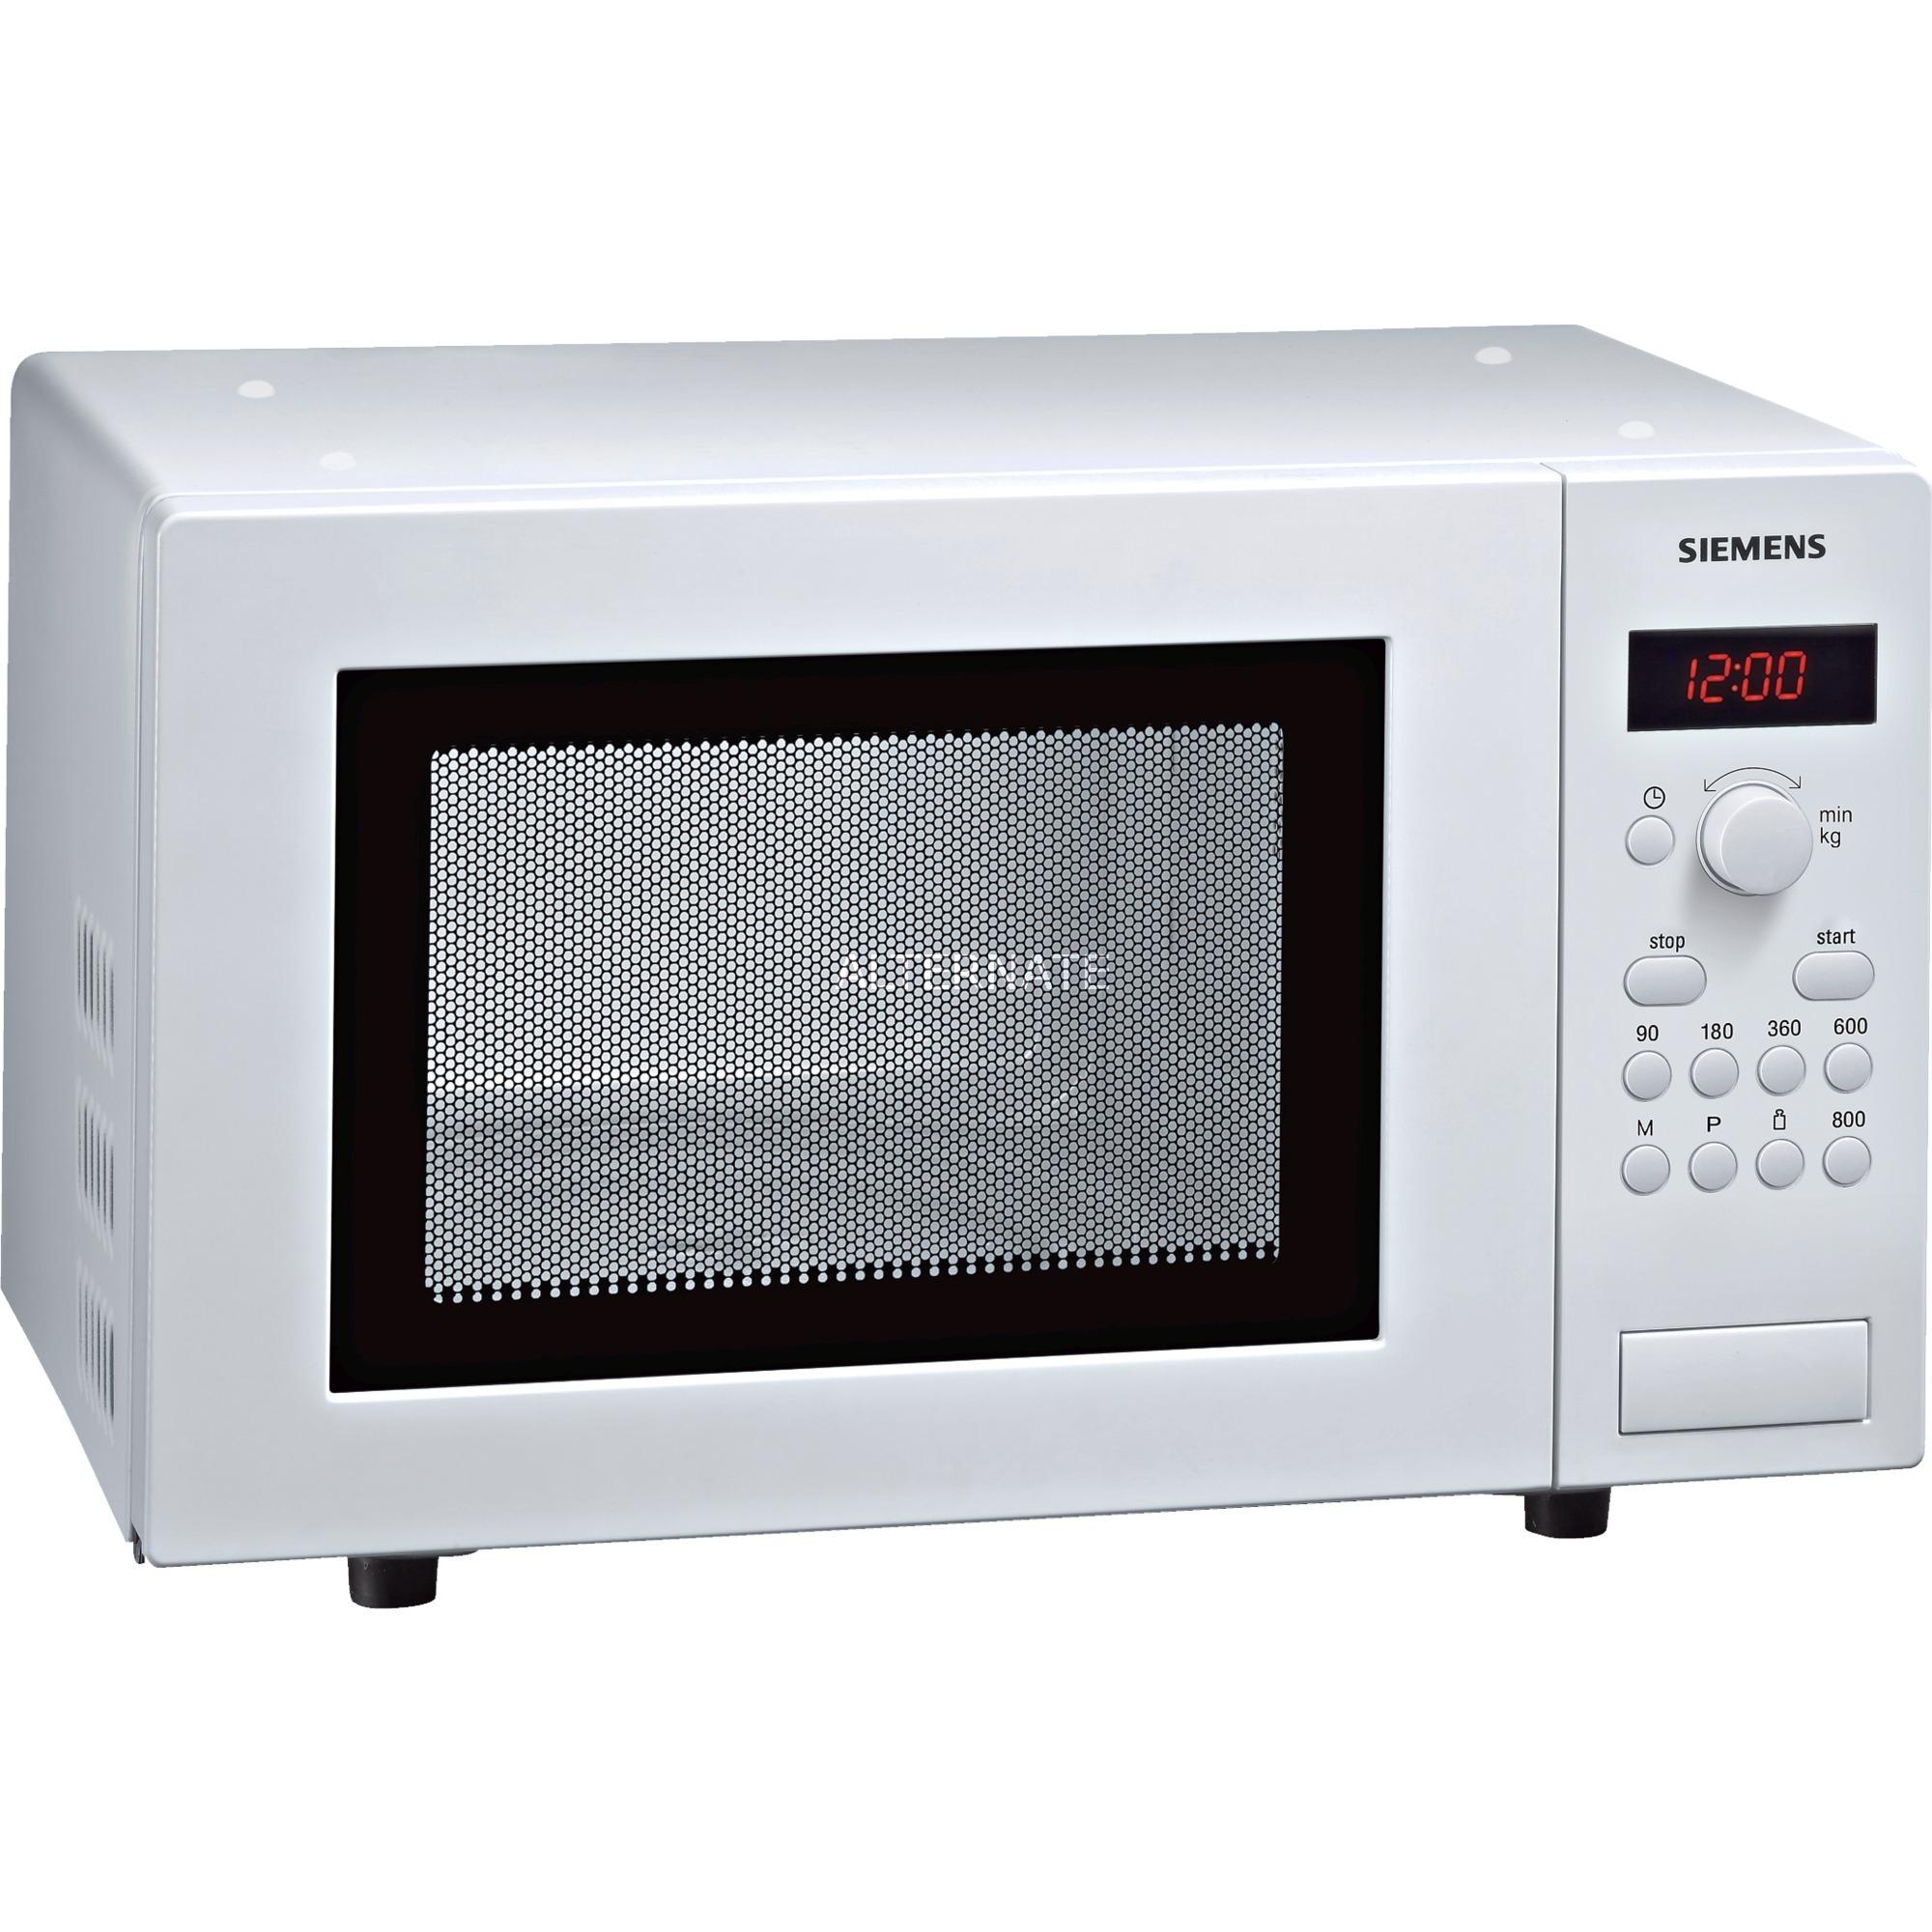 siemens forno microonde cm633gbs1 incasso grill capacita prezzi sconti siemens. Black Bedroom Furniture Sets. Home Design Ideas